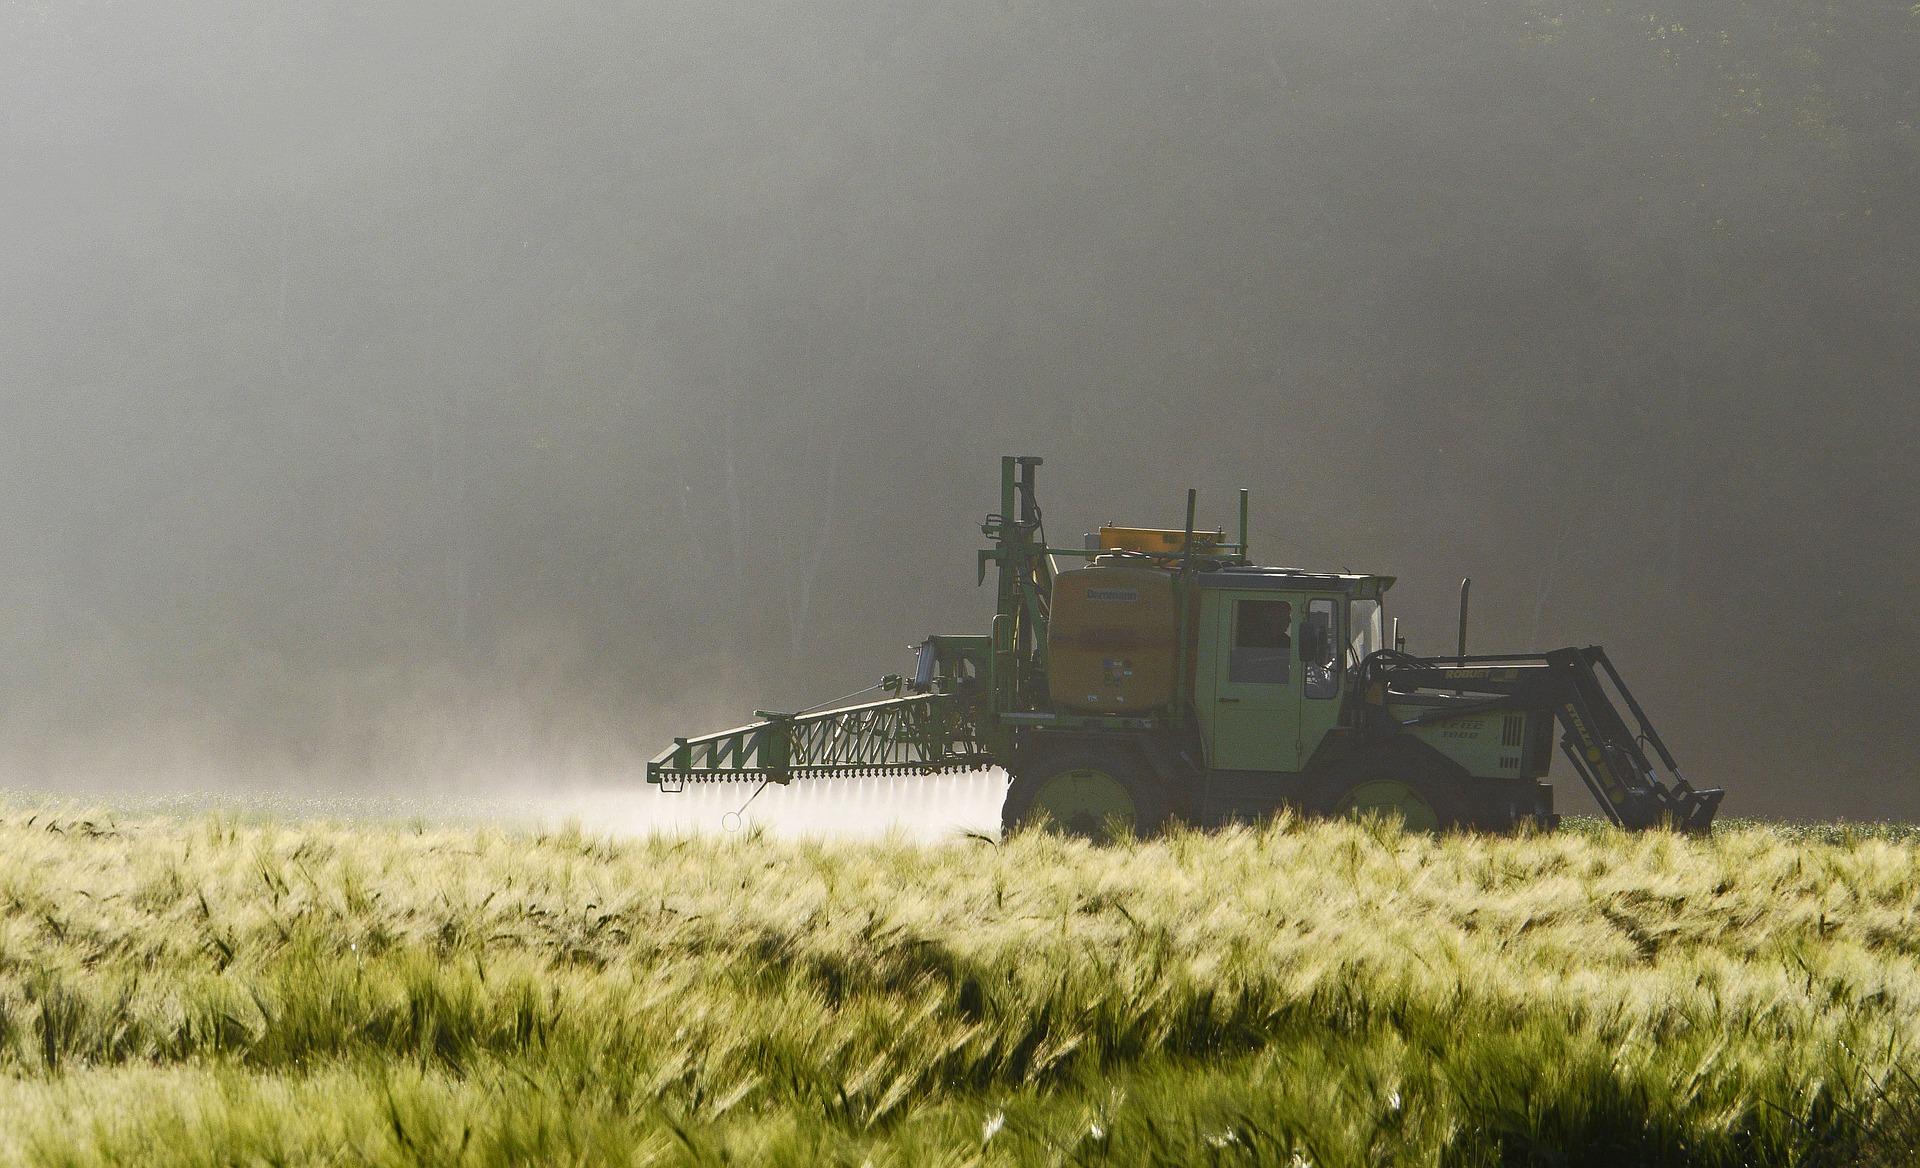 Traktor der Spritzmittel ausbringt